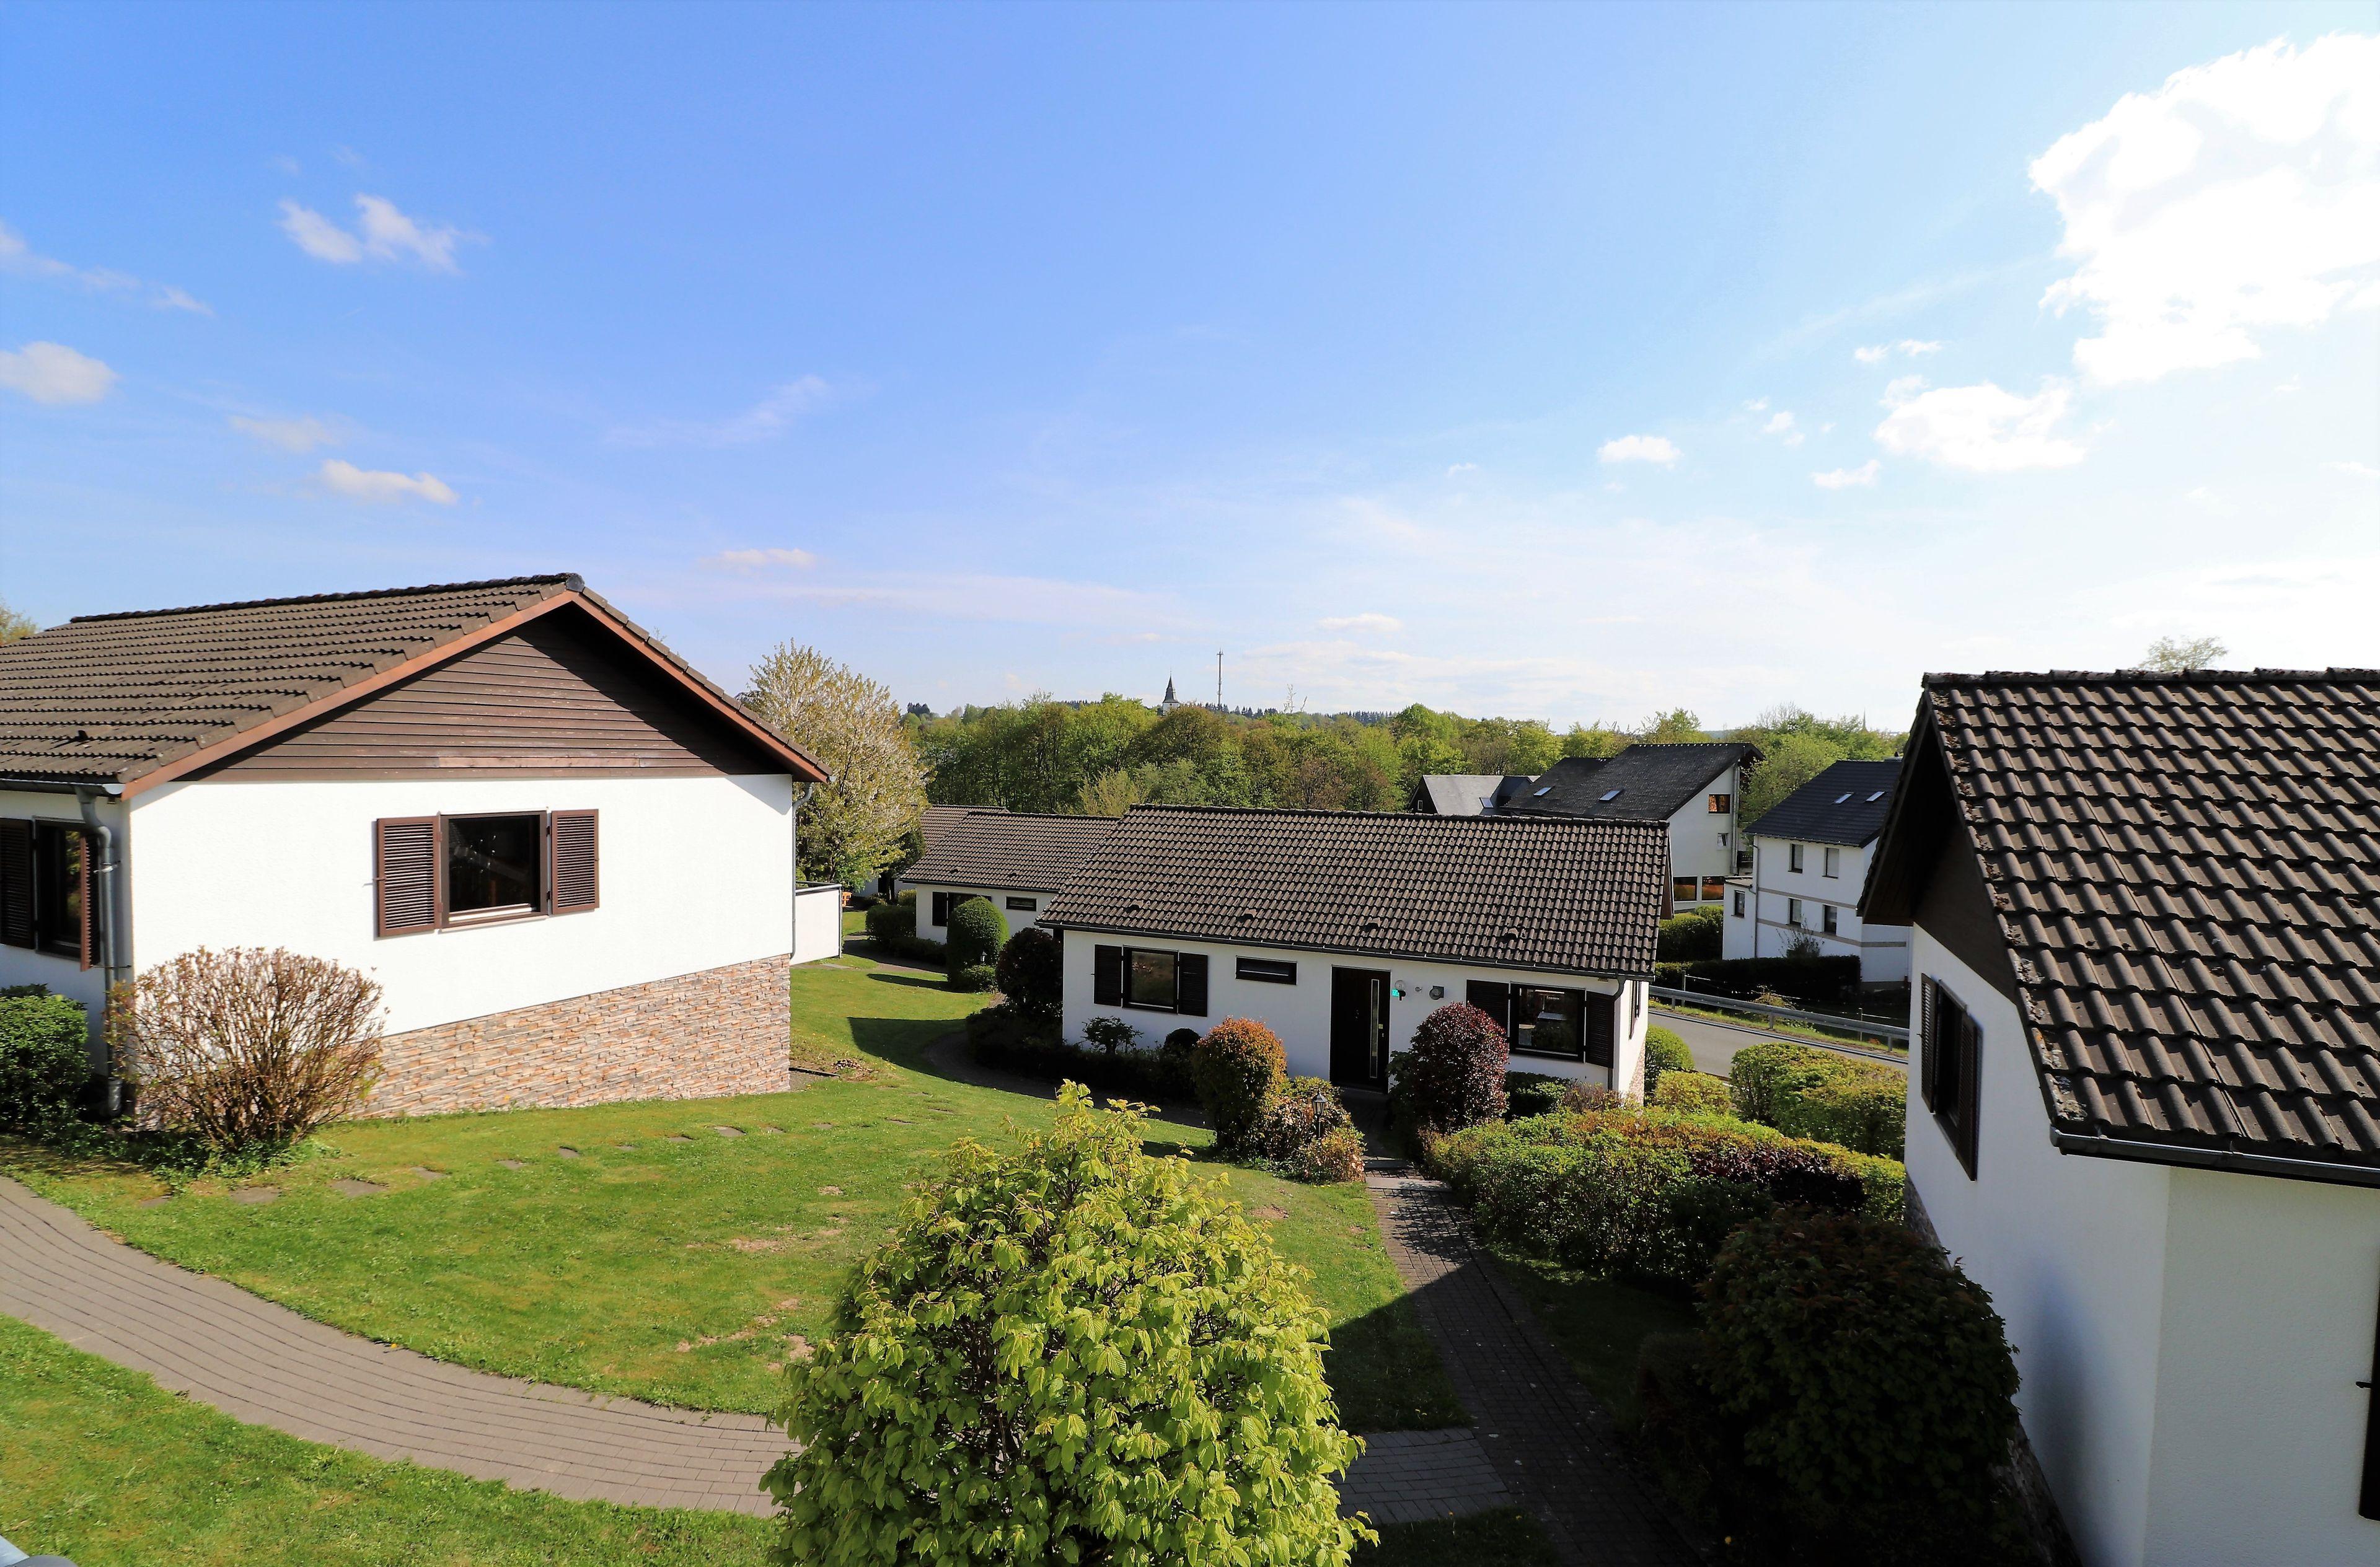 Aanbieding bungalow Sauerland 🏕️UplandParcs Dumel